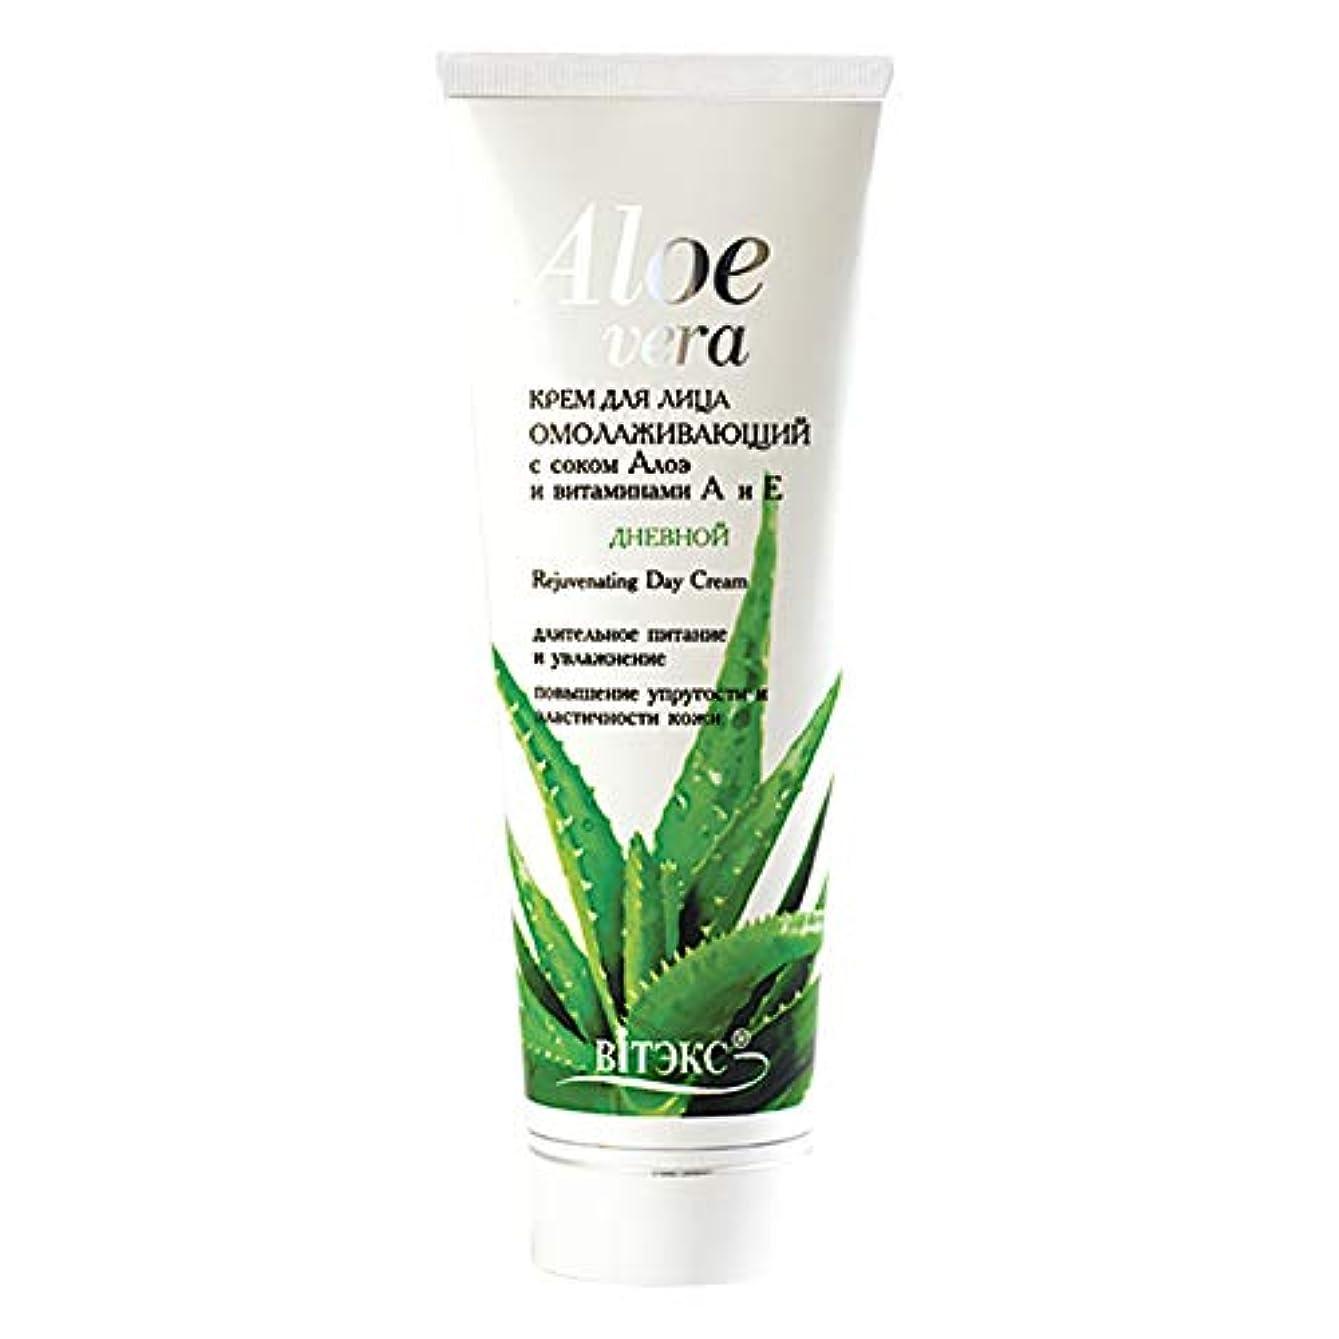 レビュー組み合わせ凍ったBielita & Vitex | Aloe Vera Line | Face Day Cream 30+ for All Skin Types | Aloe Juice | Vitamins A and E | 75 ml